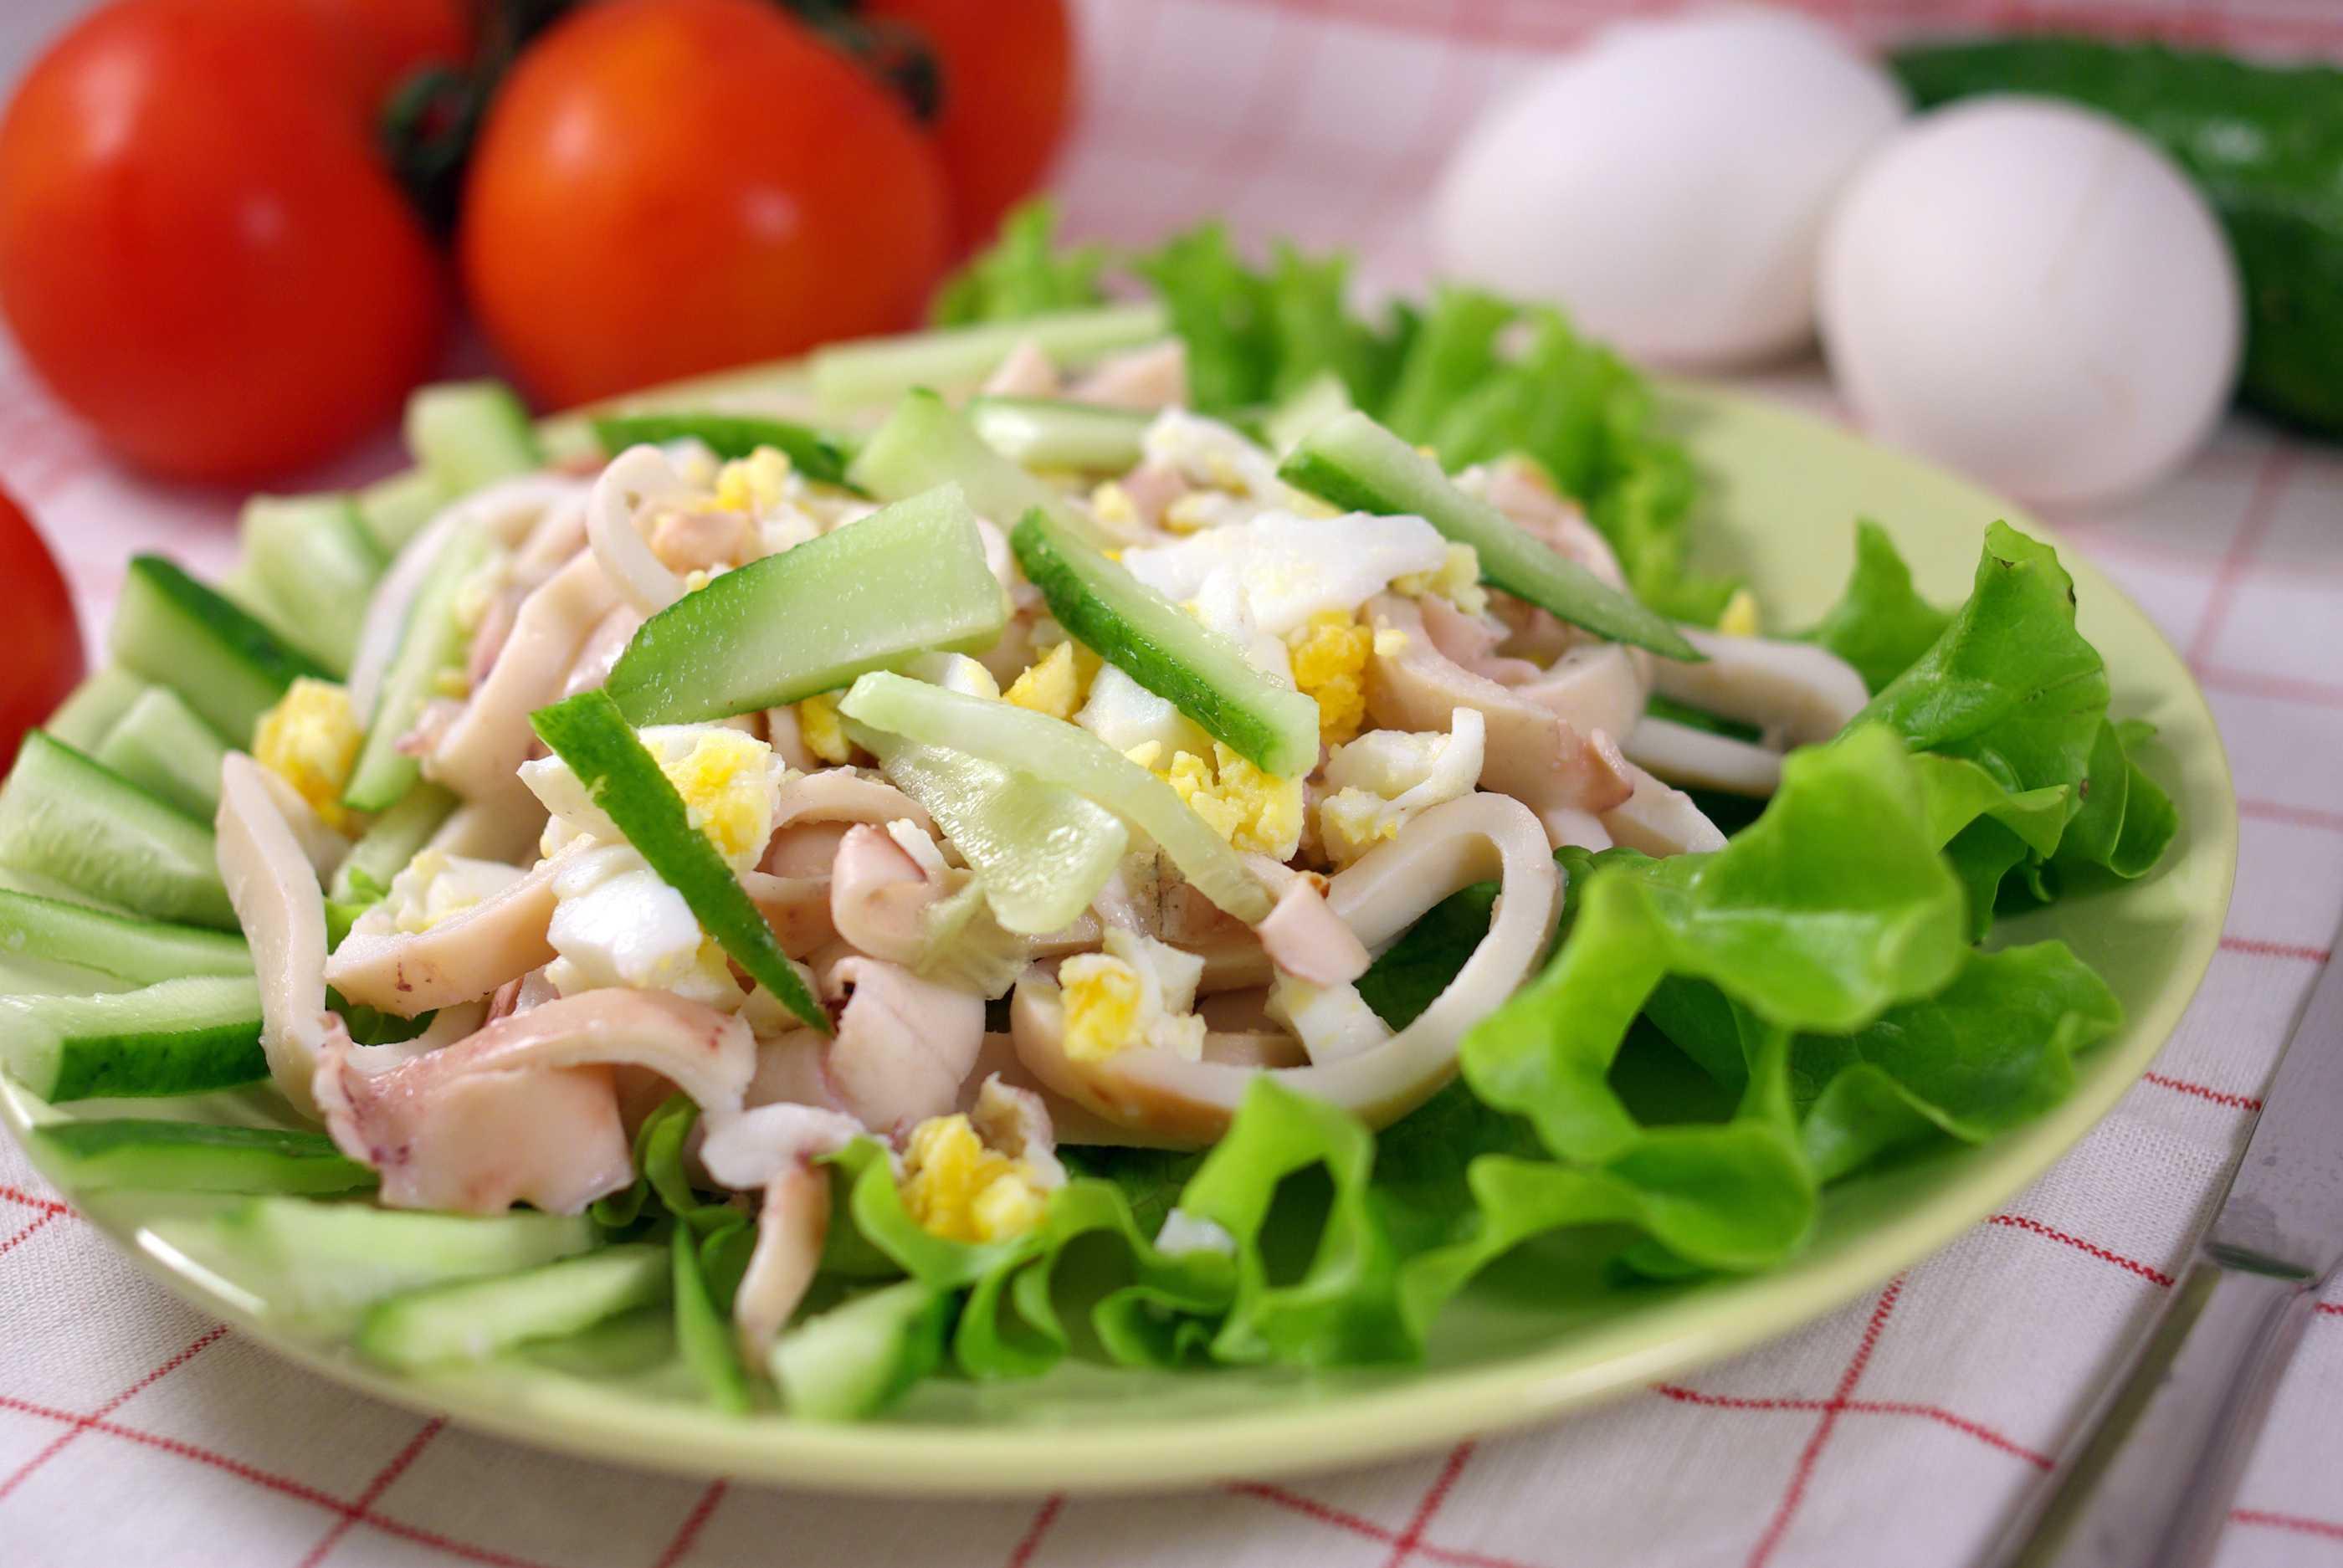 Салат из кальмаров с огурцом и яйцом - необычное сочетание и гармония вкуса: рецепт с фото и видео